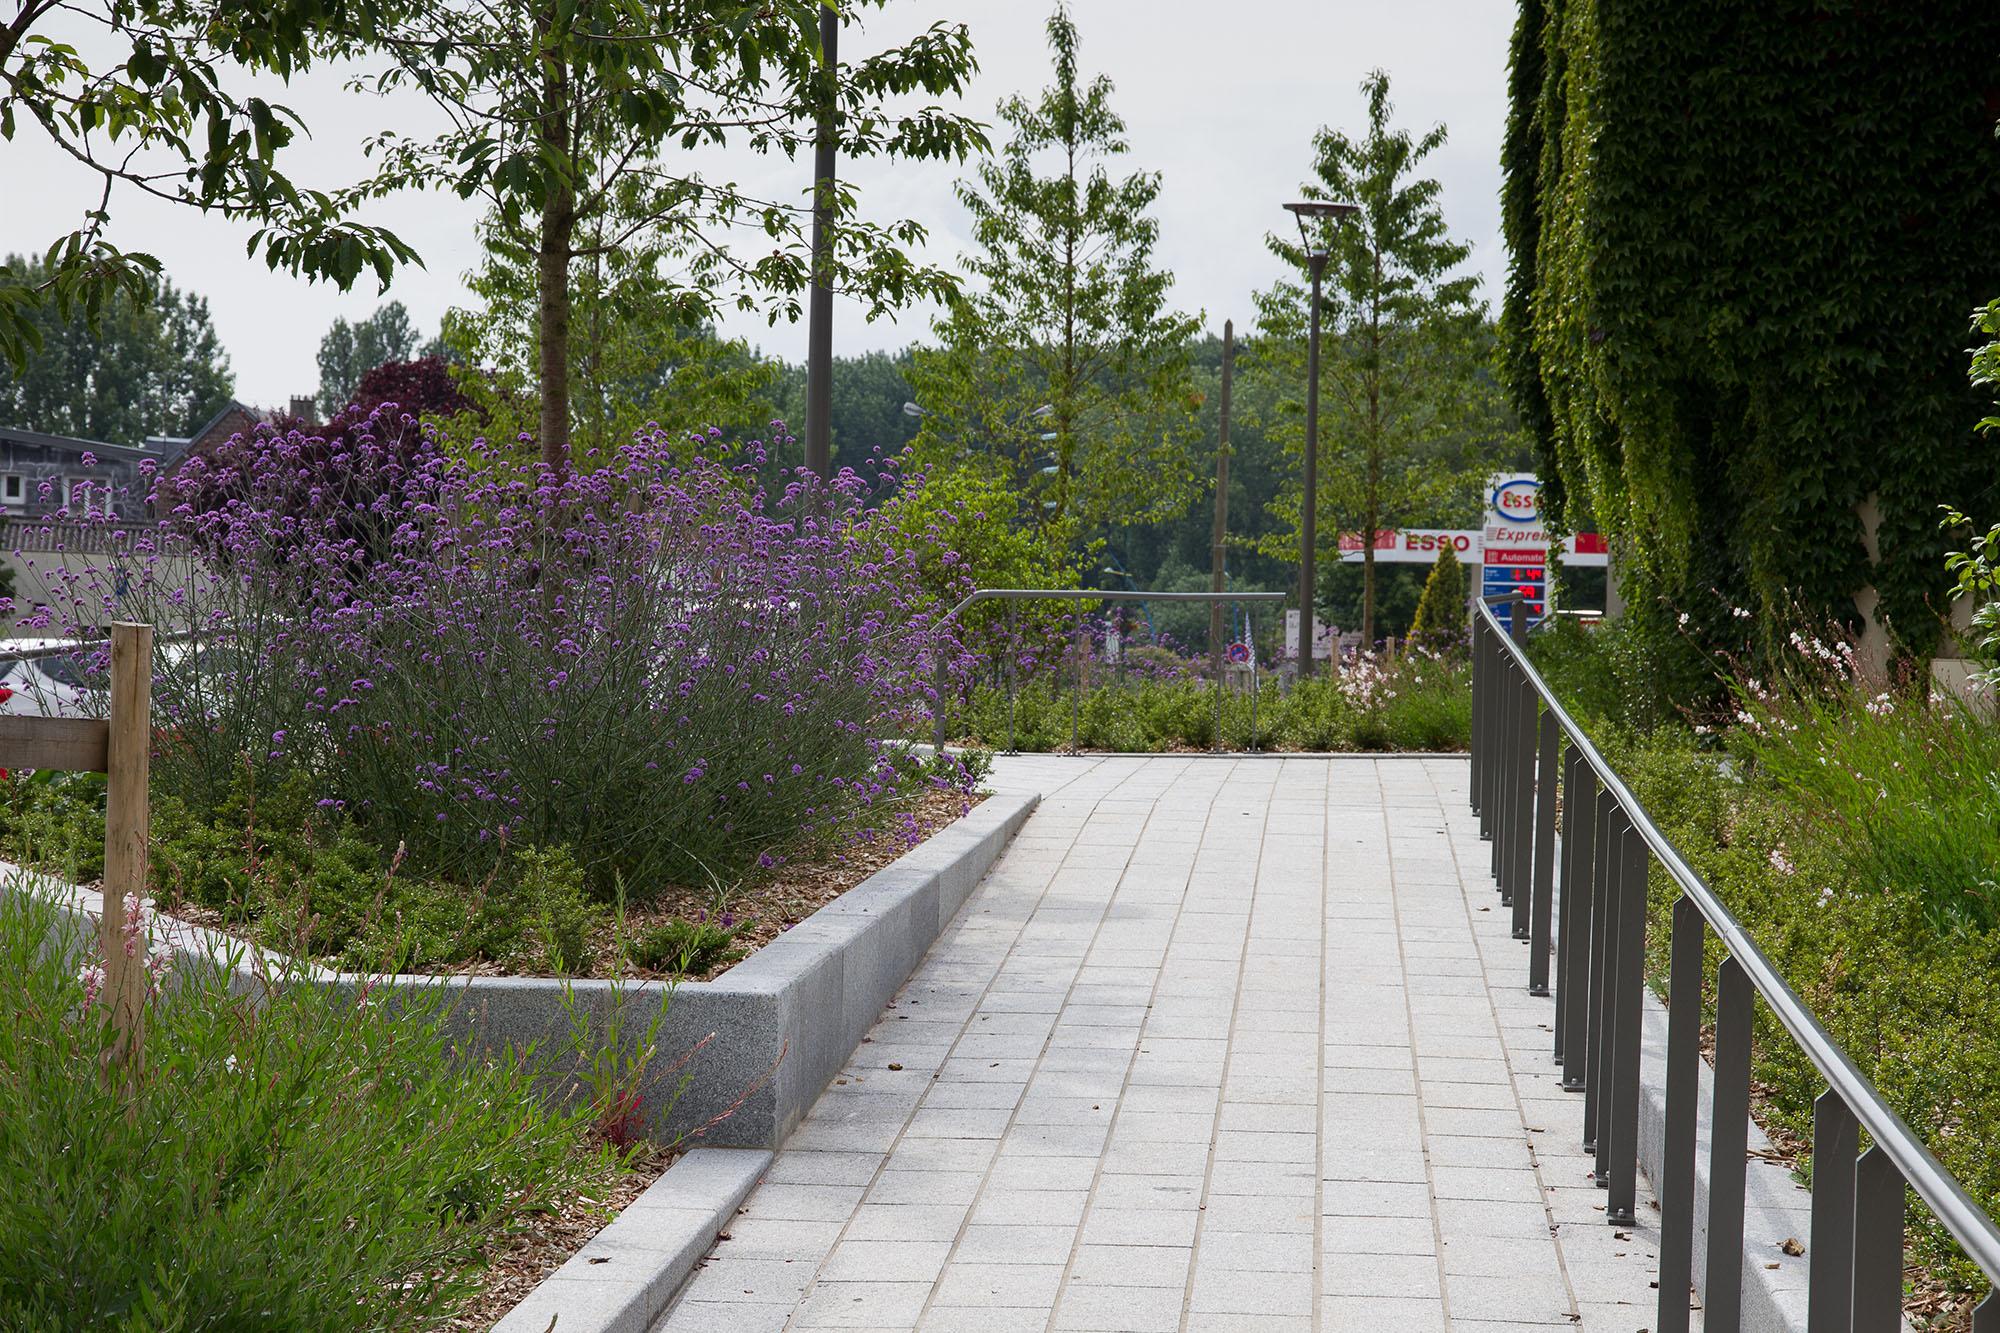 Vue sur la liaison entre la place urbaine et la place jardin